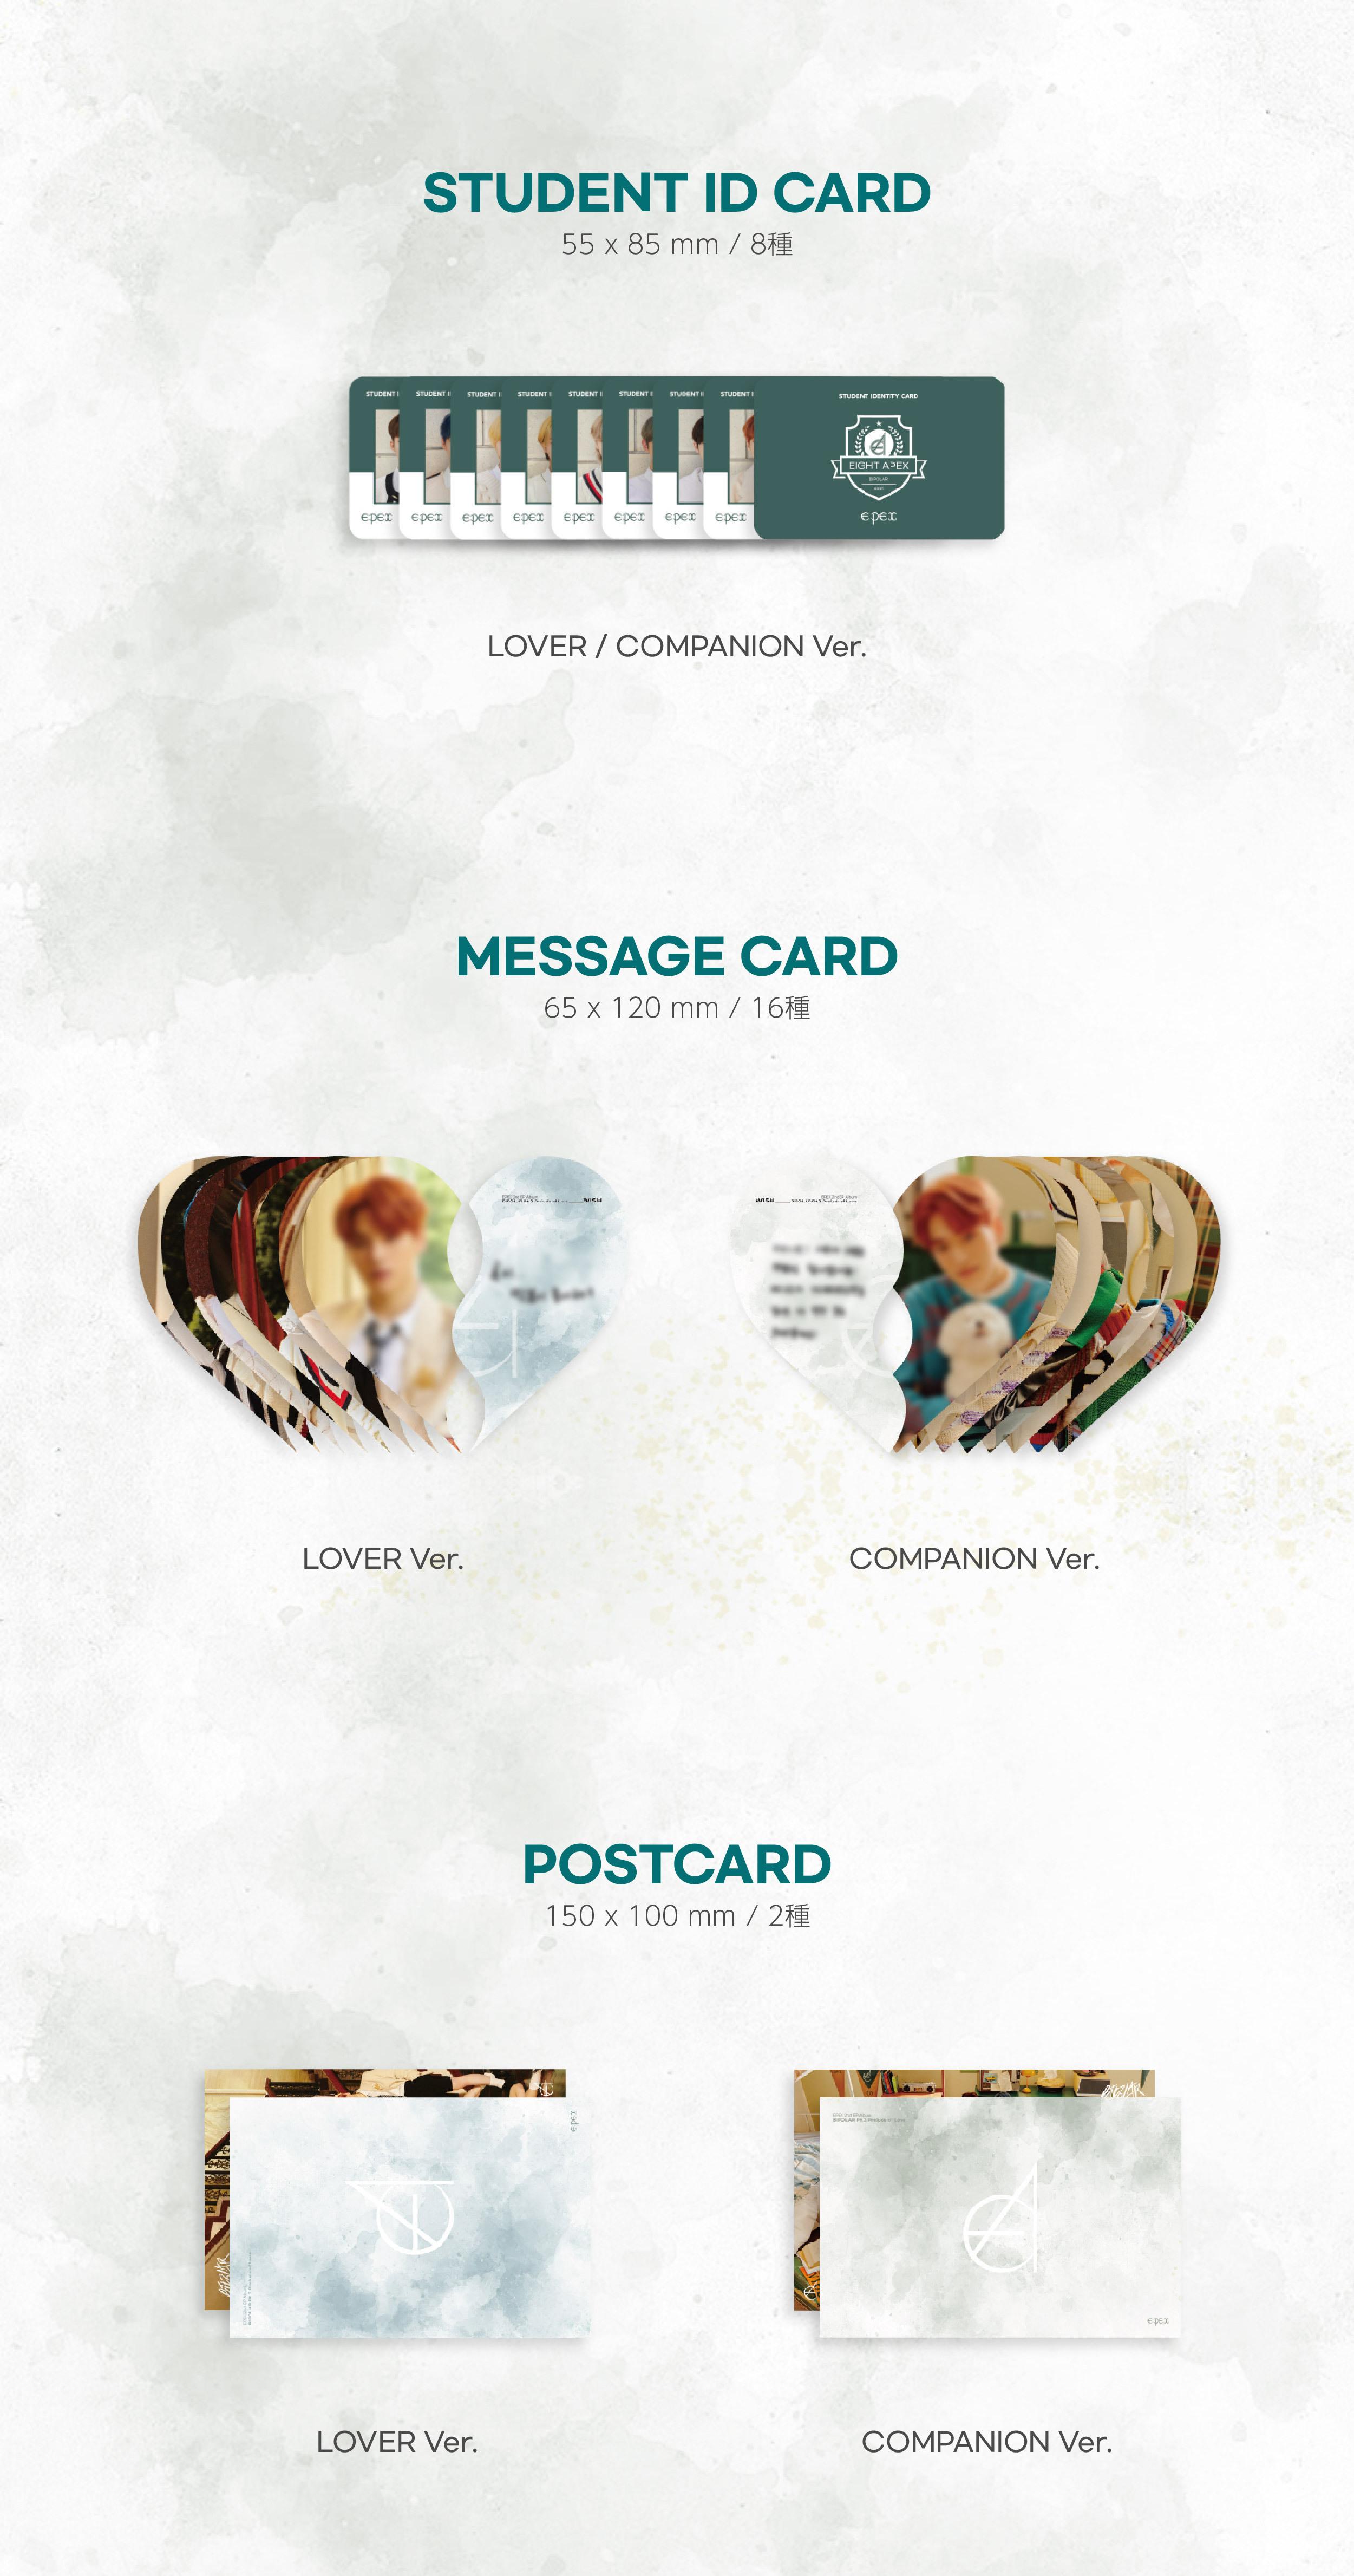 【販売終了/11月11日開催/2部】EPEX 2nd EP Album BIPOLAR Pt. 2 사랑의 서 : Prelude of Love【オンライン個別握手会対象】